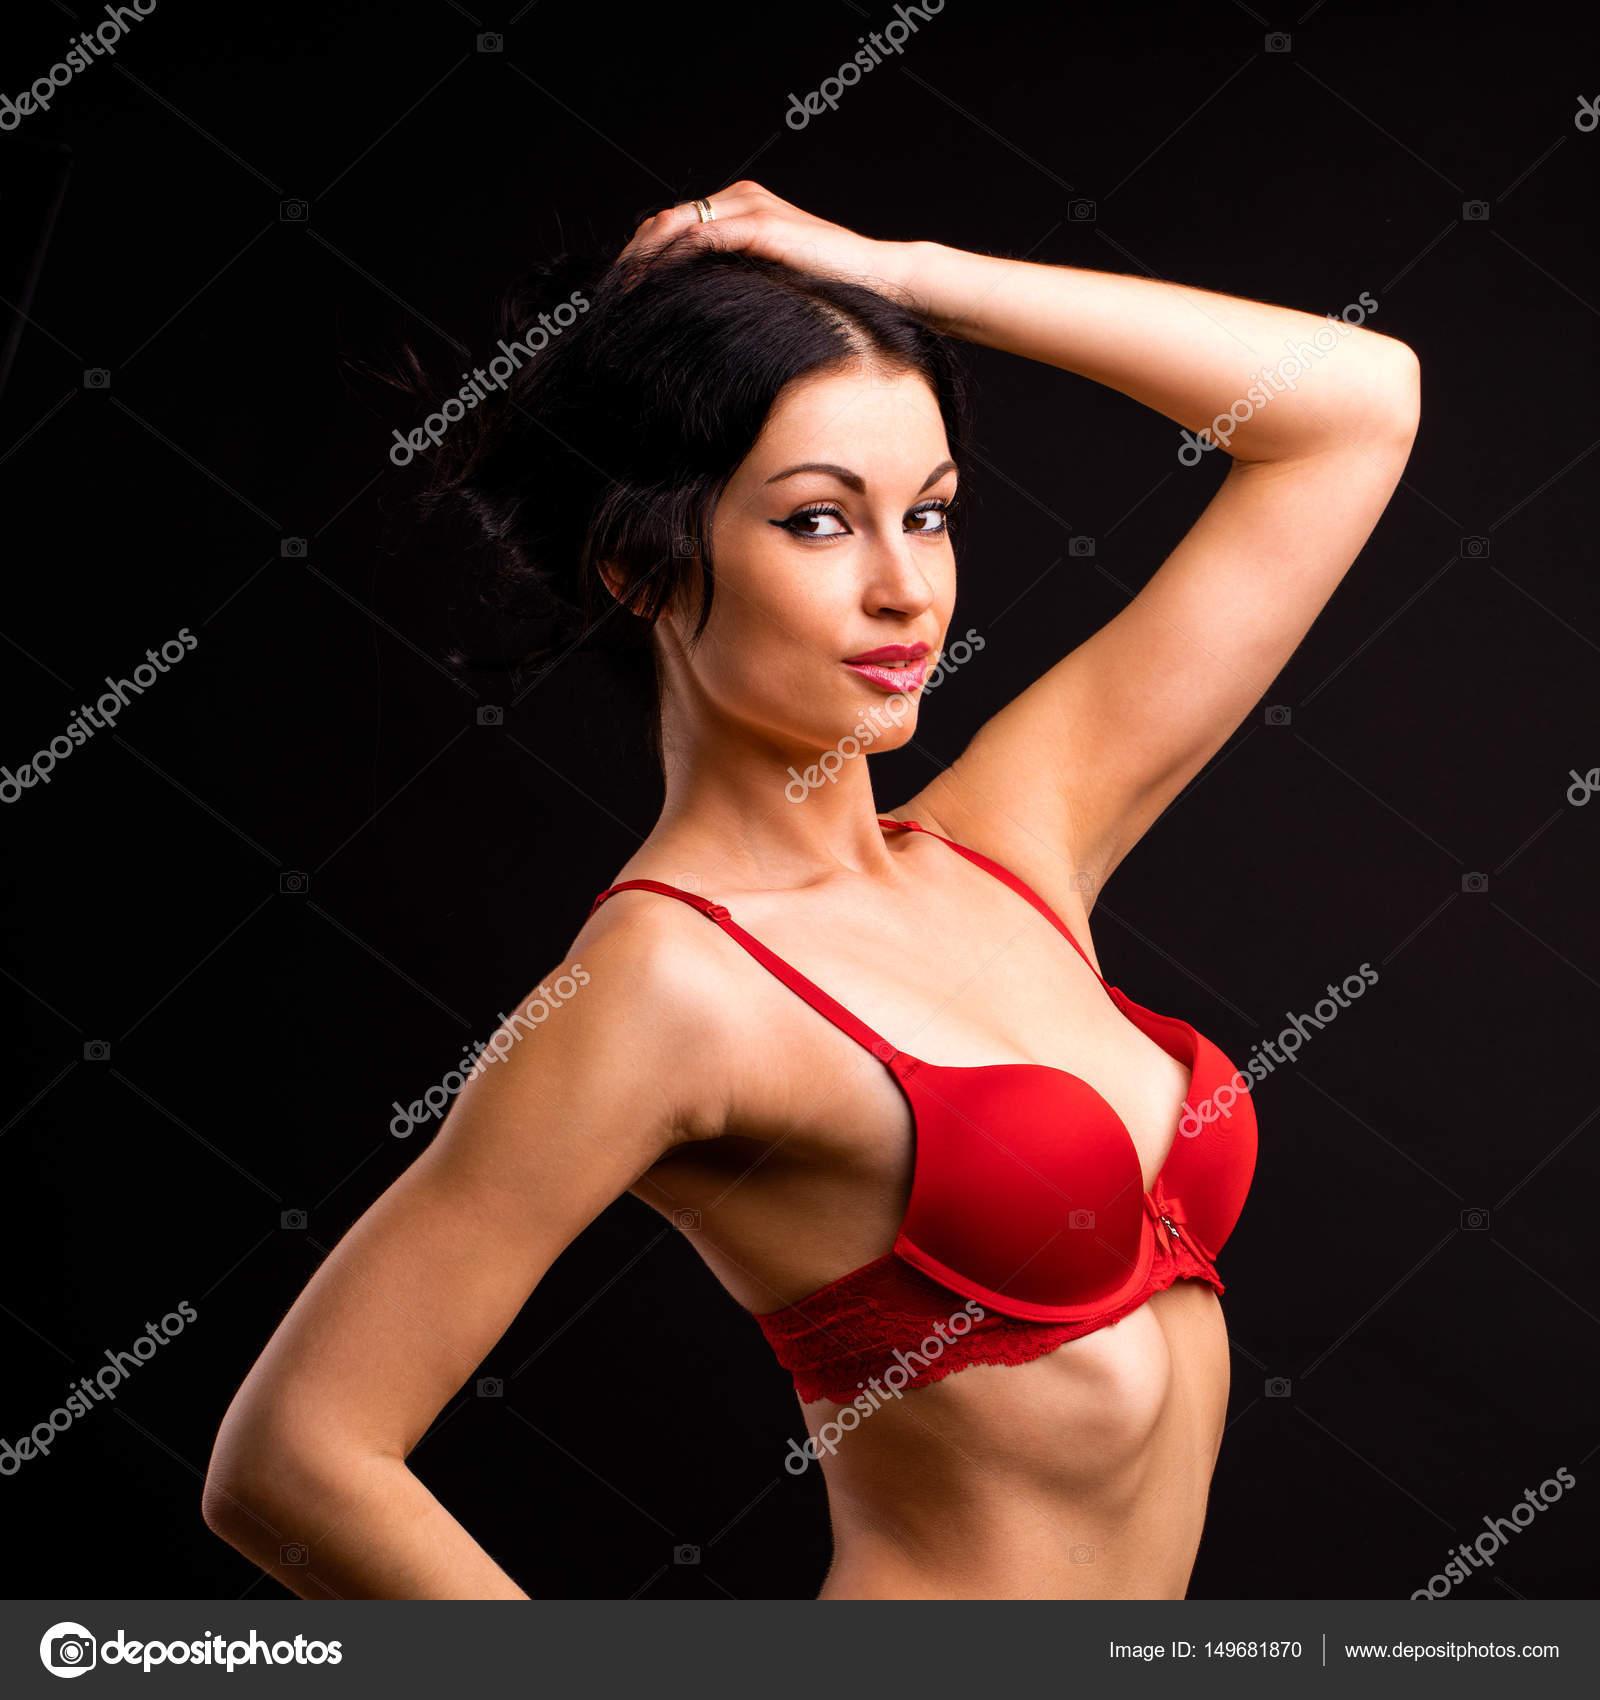 8c08fb10c Retrato de mulher morena sexy lingerie vermelha e preta sobre um —  Fotografia de Stock